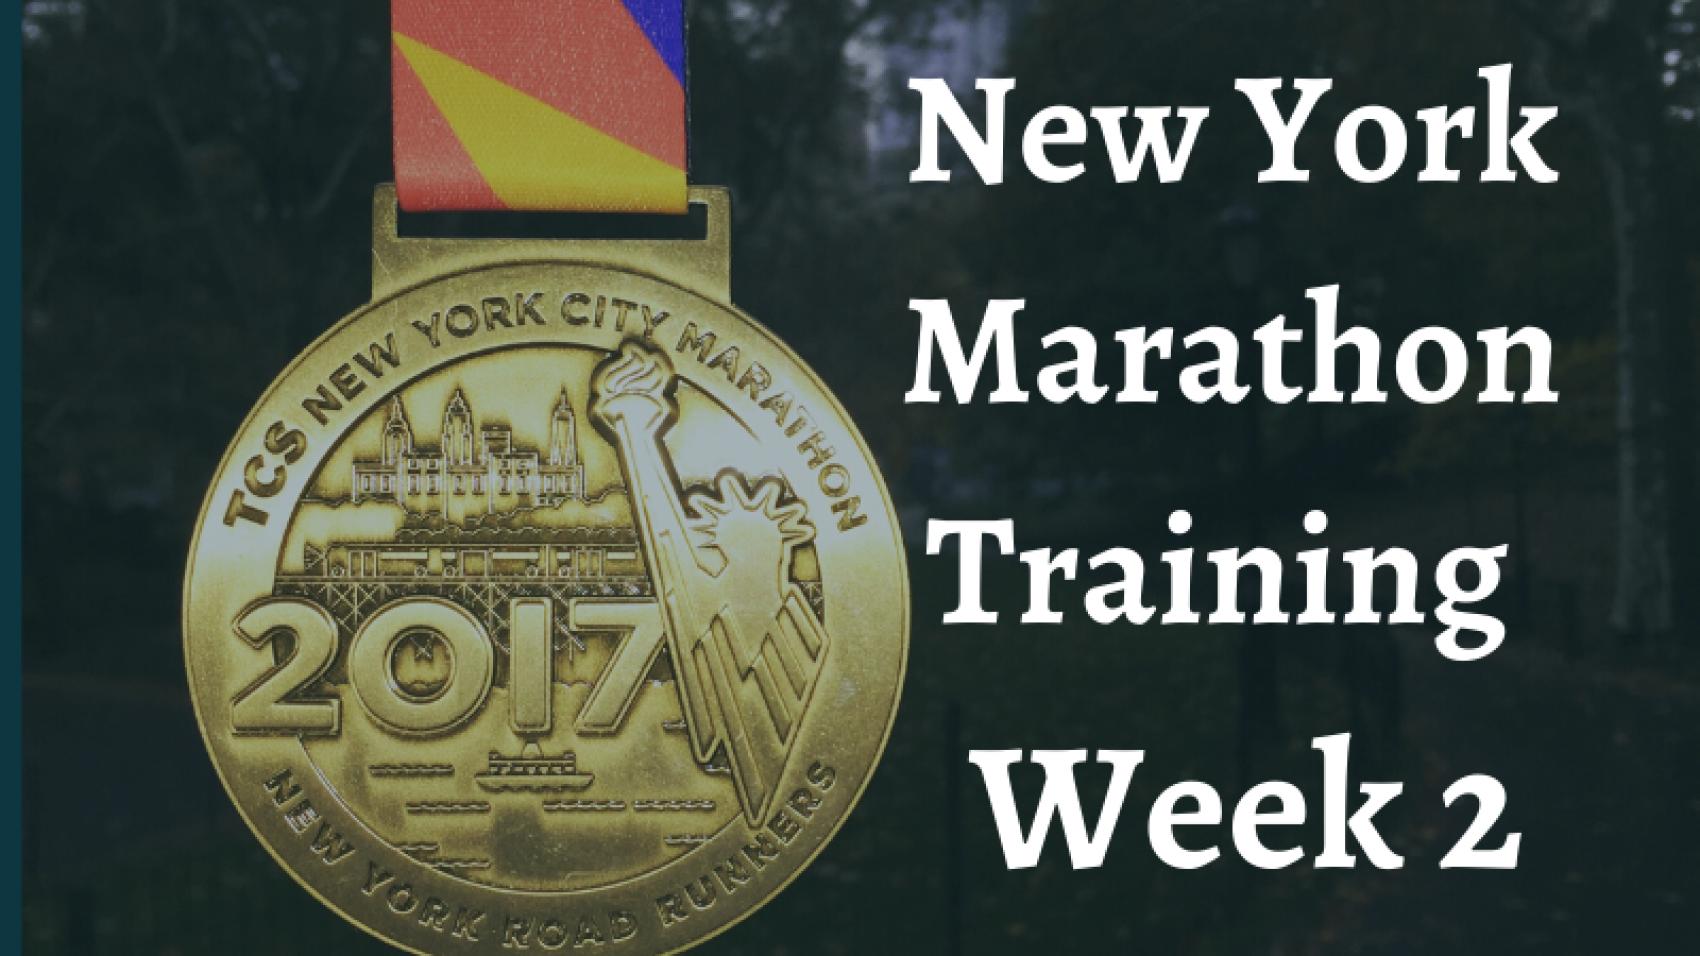 New York Marathon Week 2